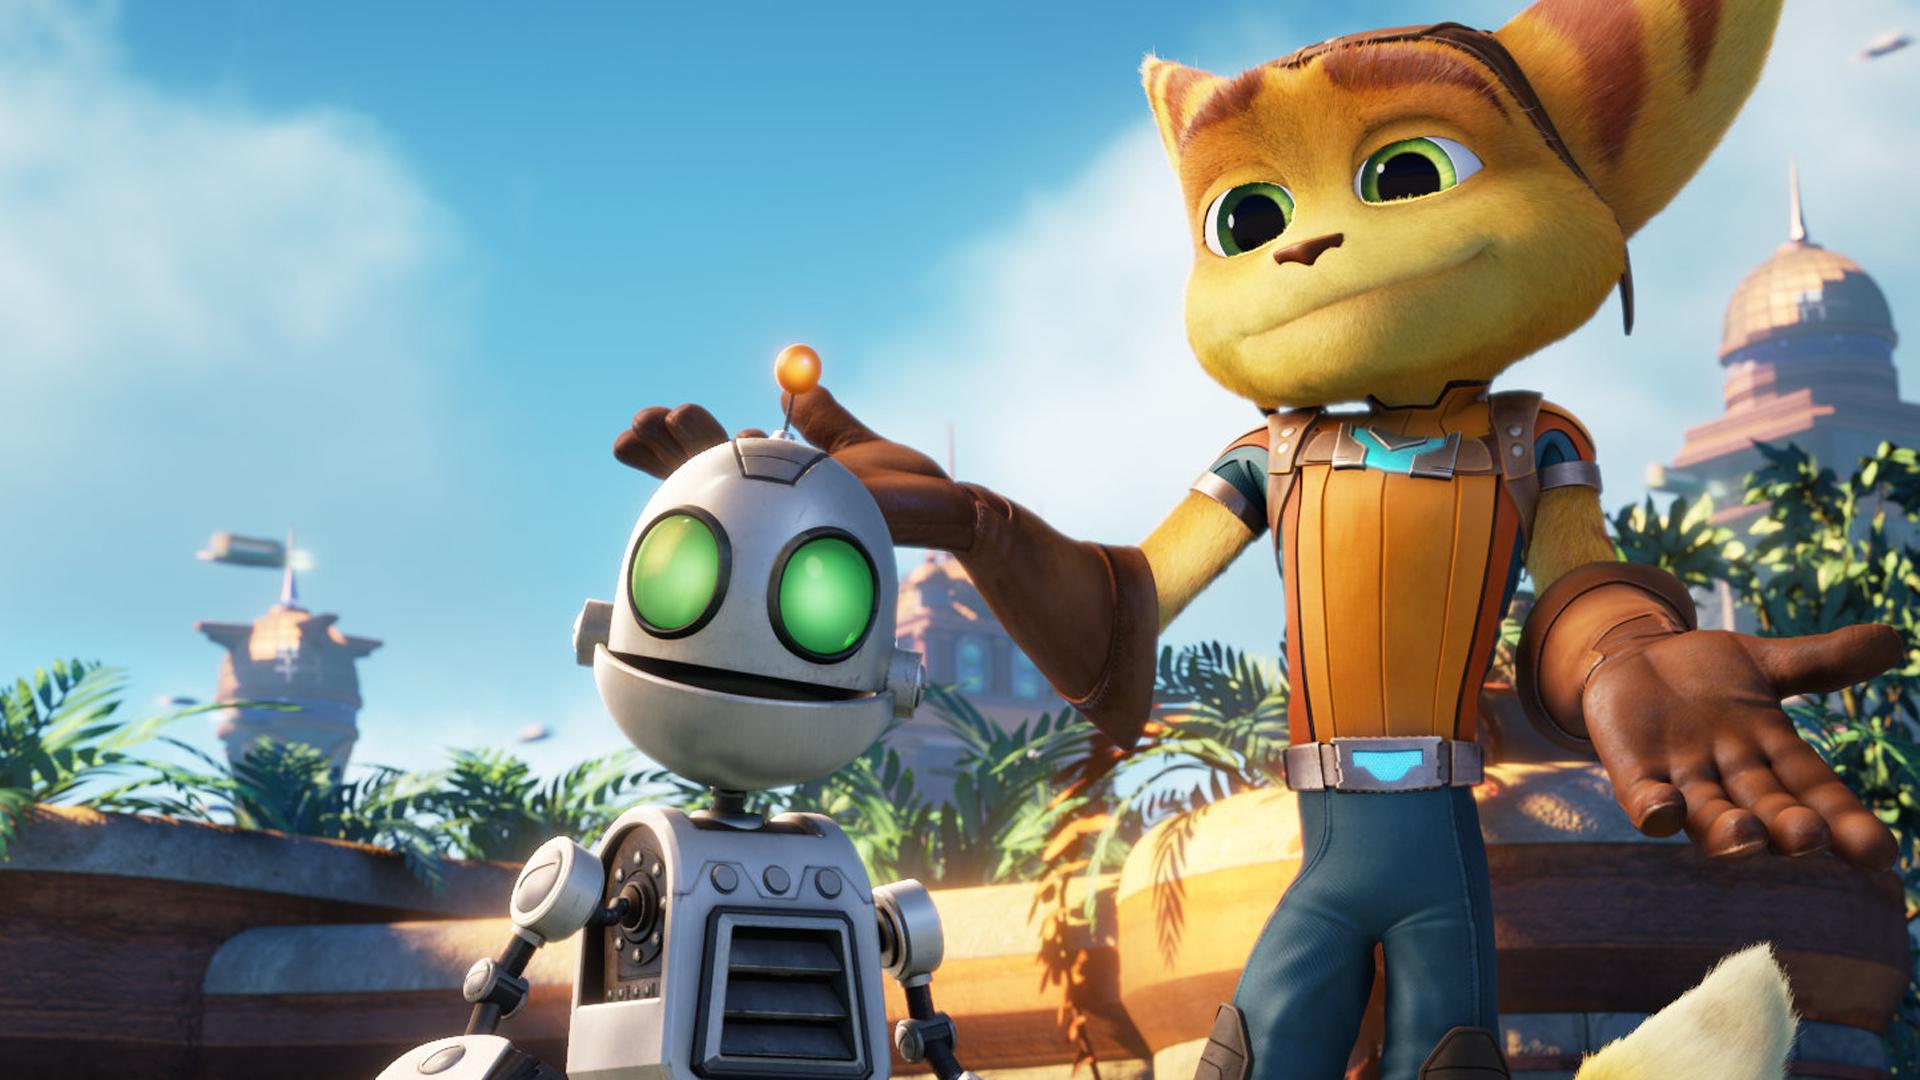 В марте Sony подарит Ratchet & Clank для PlayStation 4, а позже еще больше игр